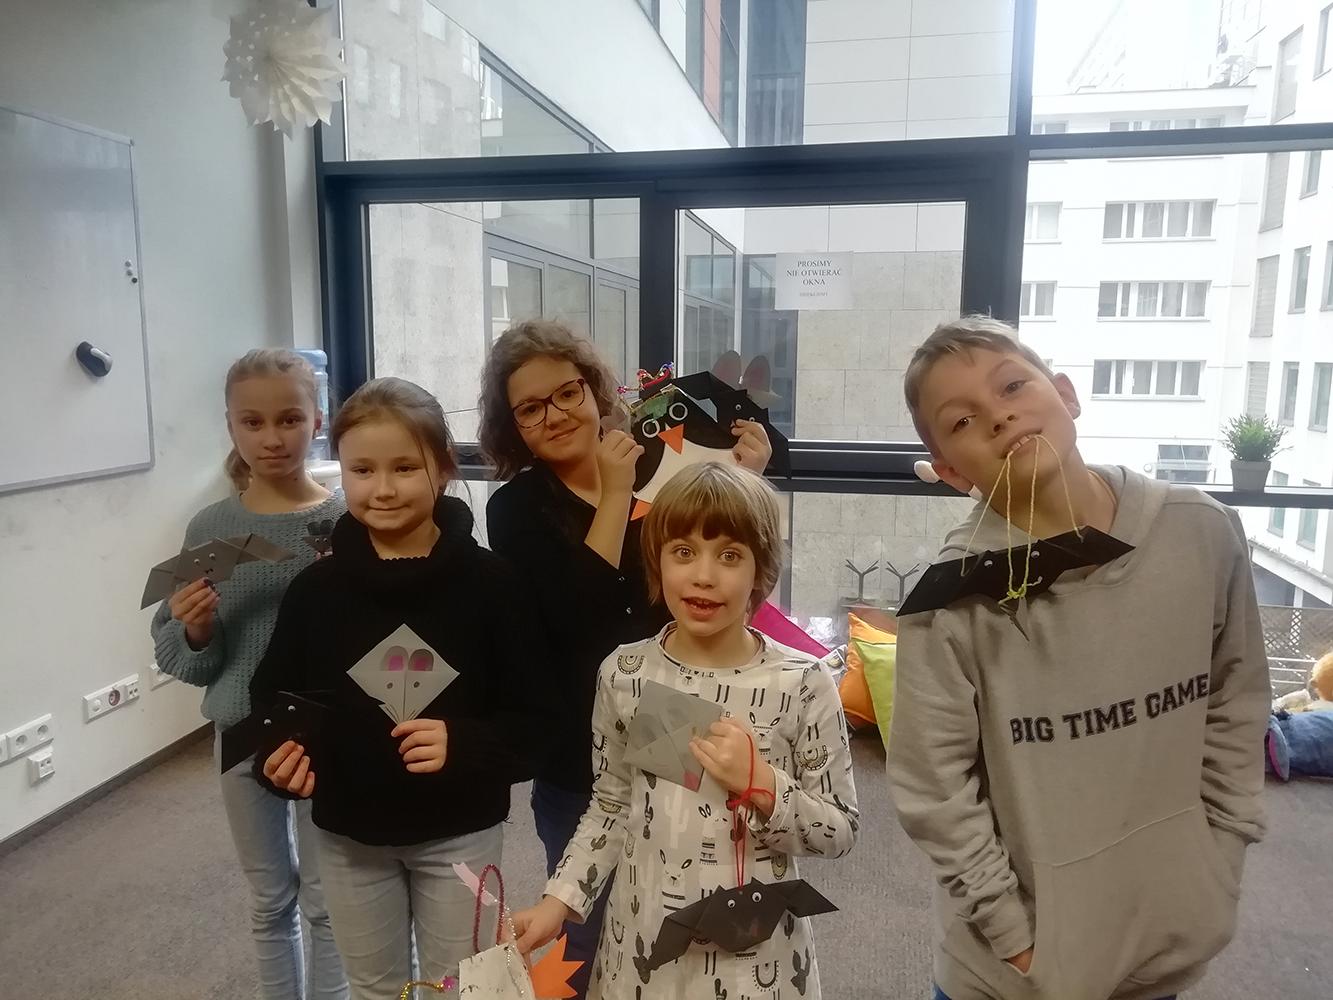 angielski dla dzieci warszawa polkolonie ferie jezykowe archibald kids